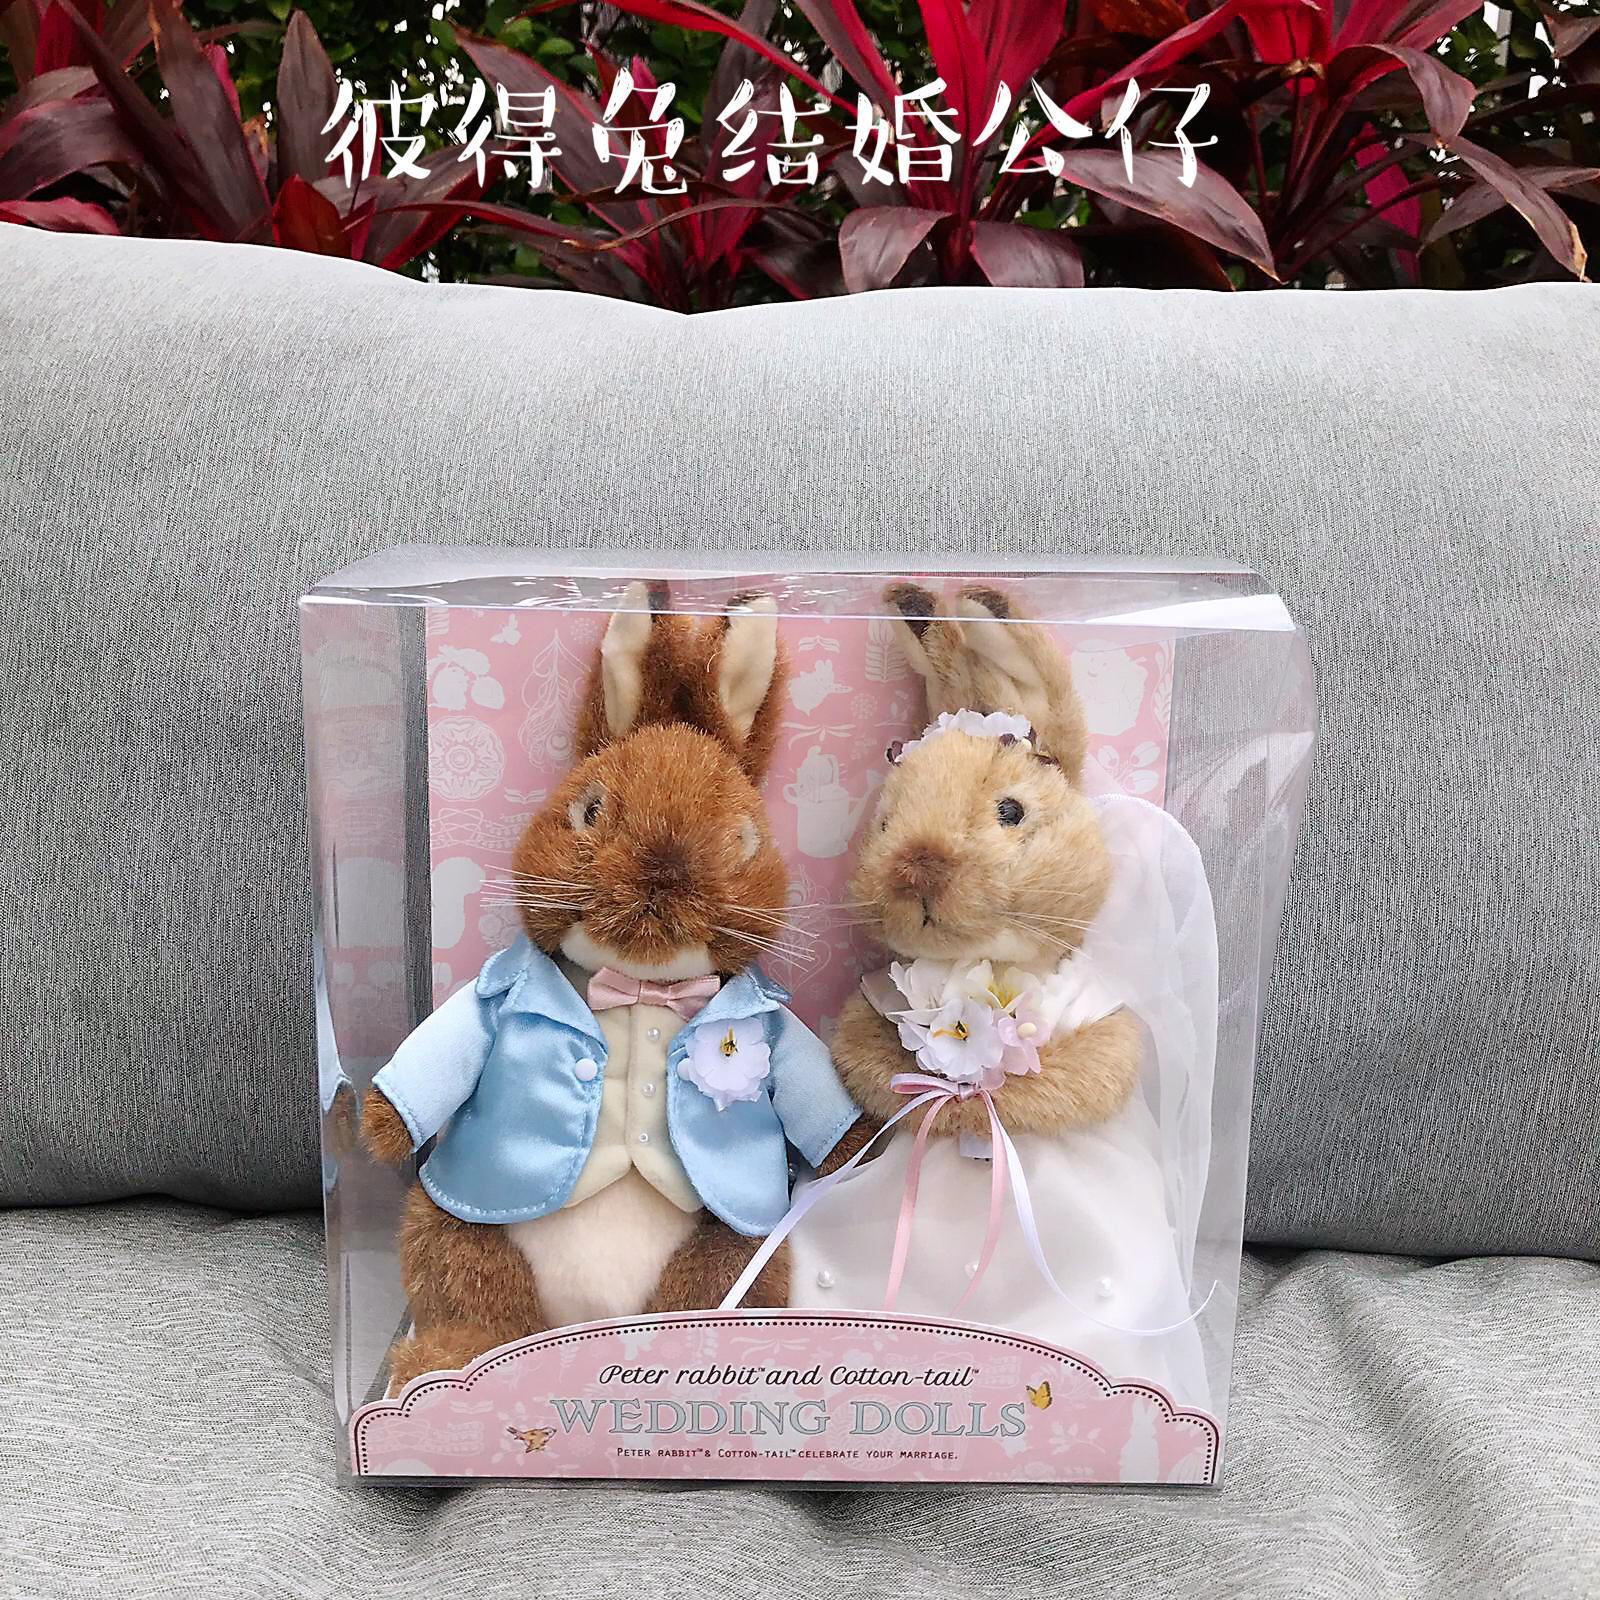 现货日本Peter Rabbit彼得兔婚礼/结婚公仔礼盒情侣小兔毛绒玩具